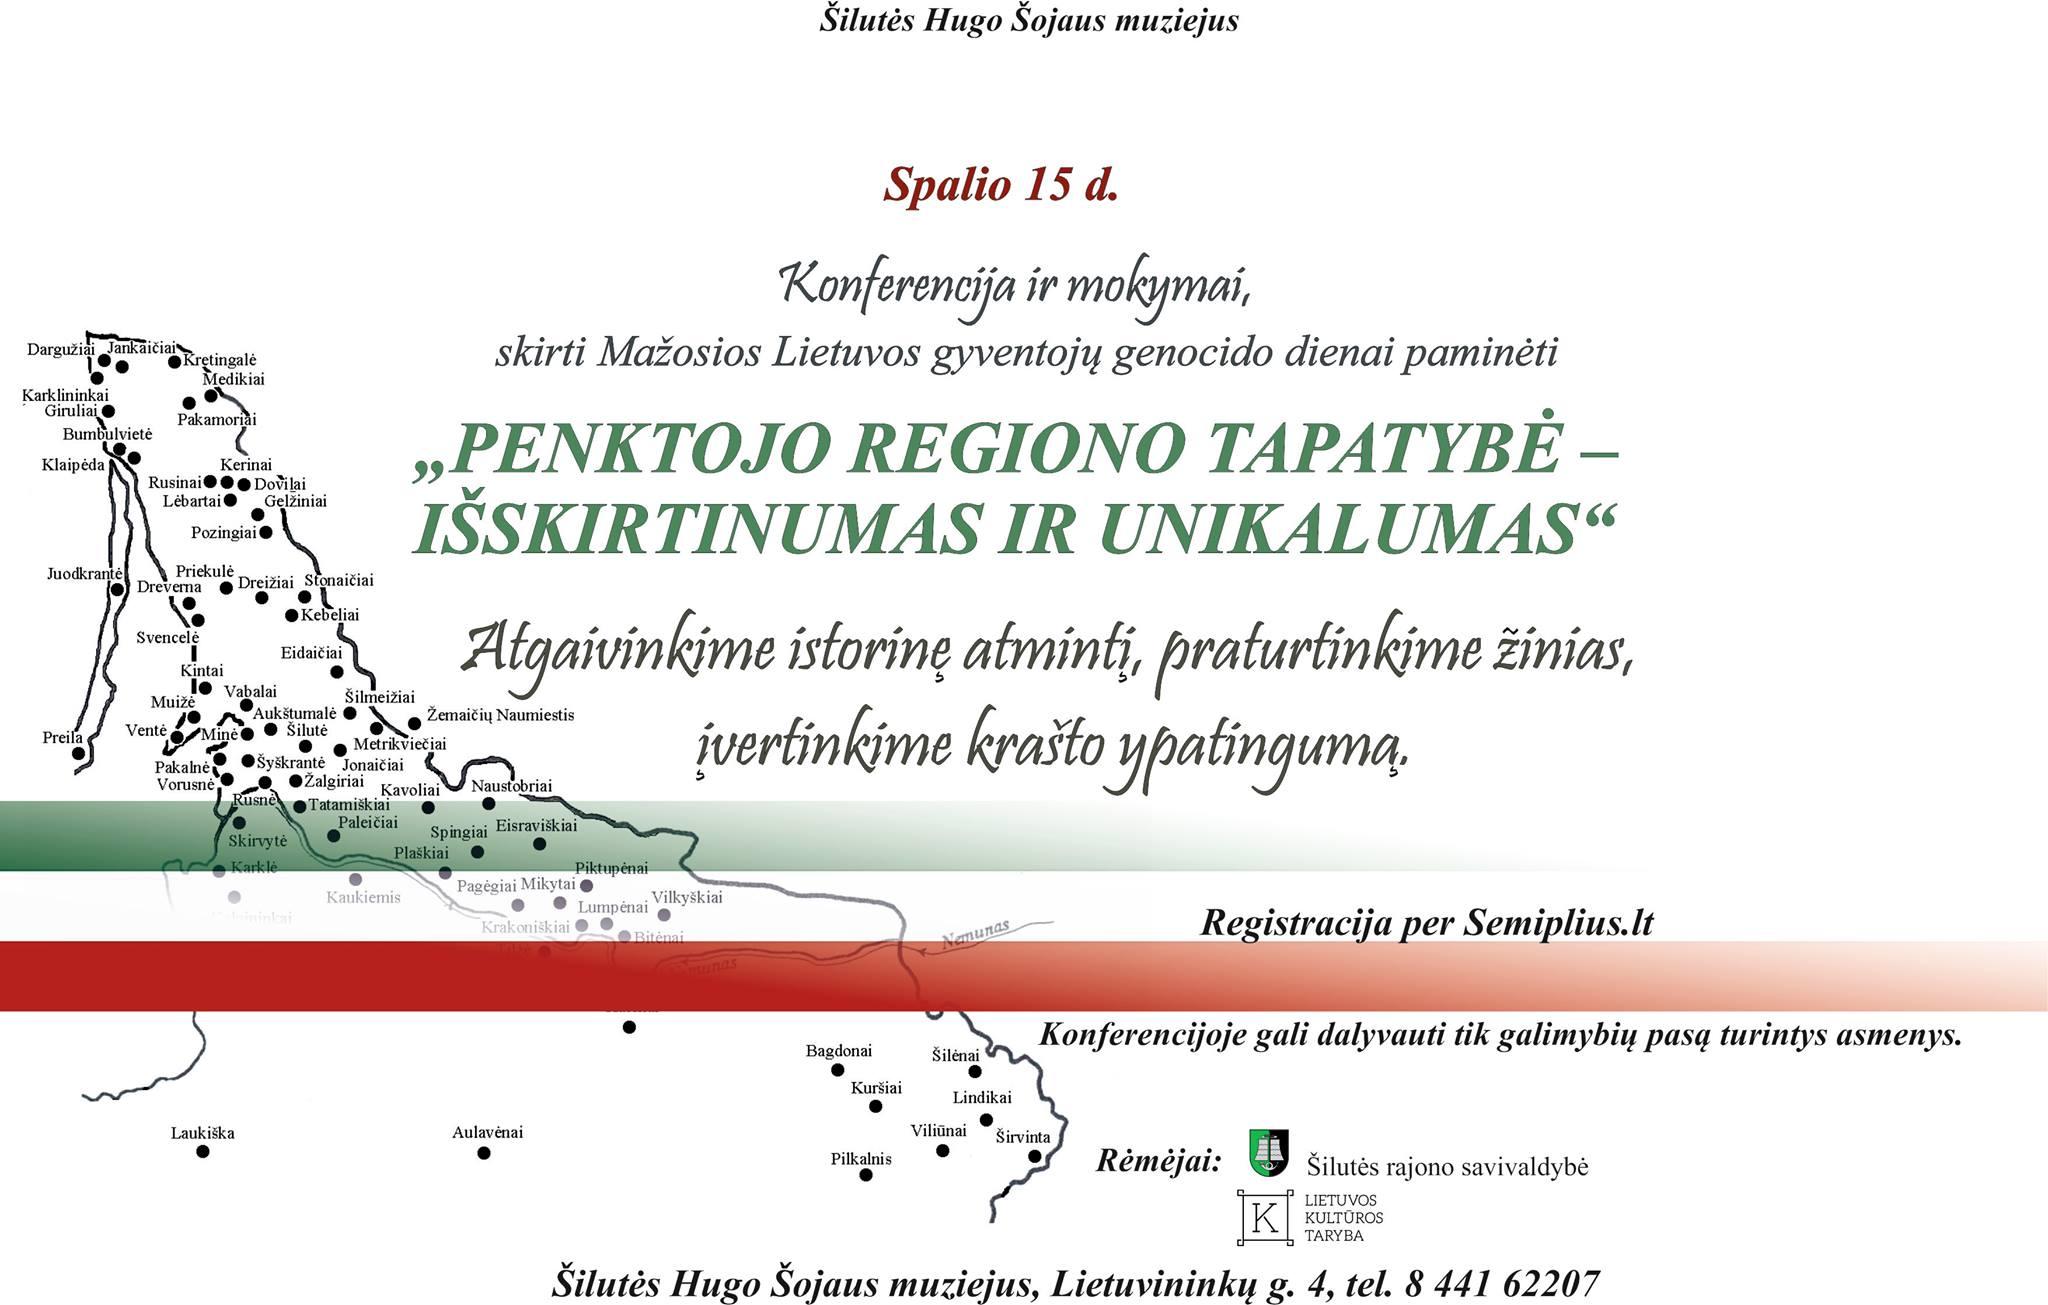 """Registracija į konferenciją ir mokymus """"Penktojo regiono tapatybė – išskirtinumas ir unikalumas"""""""